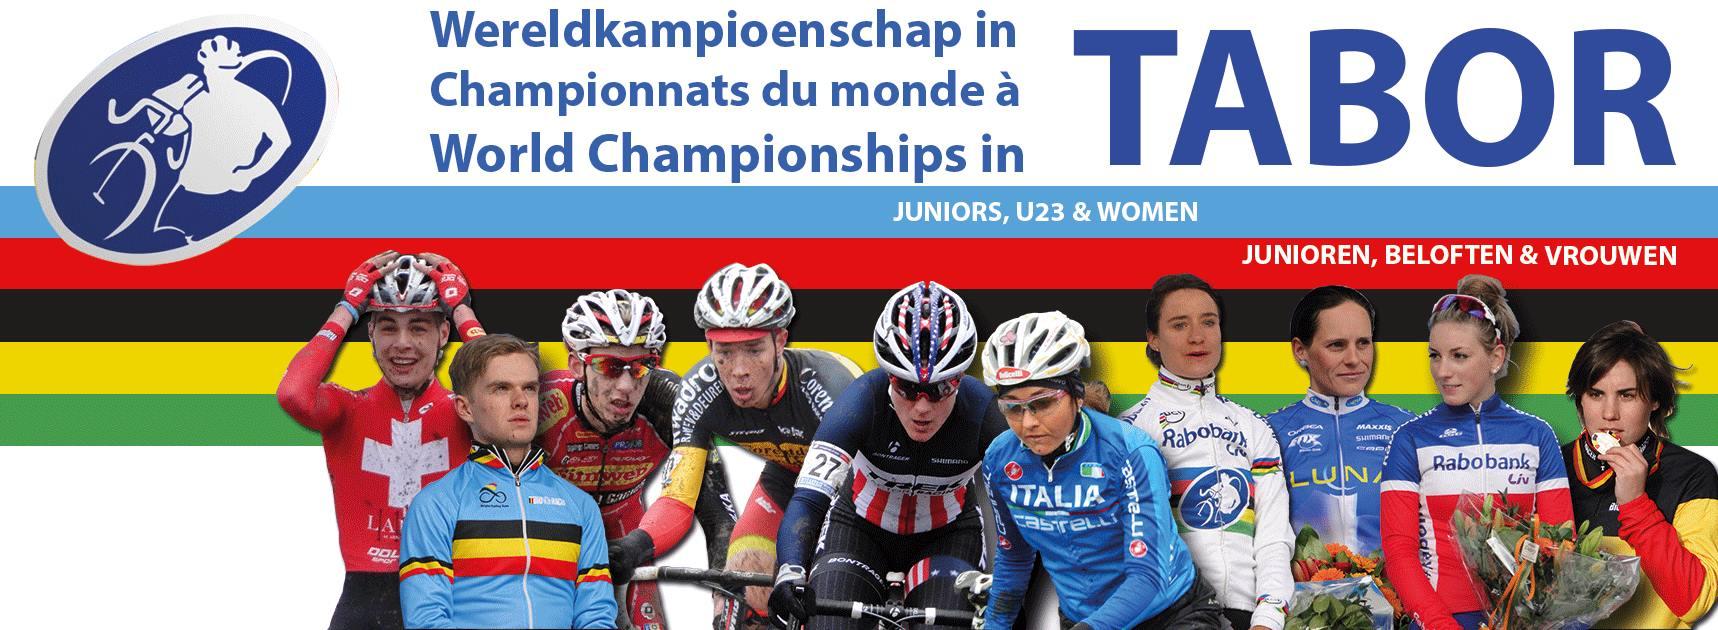 Dag 1 WK Tabor Junioren en Vrouwen.